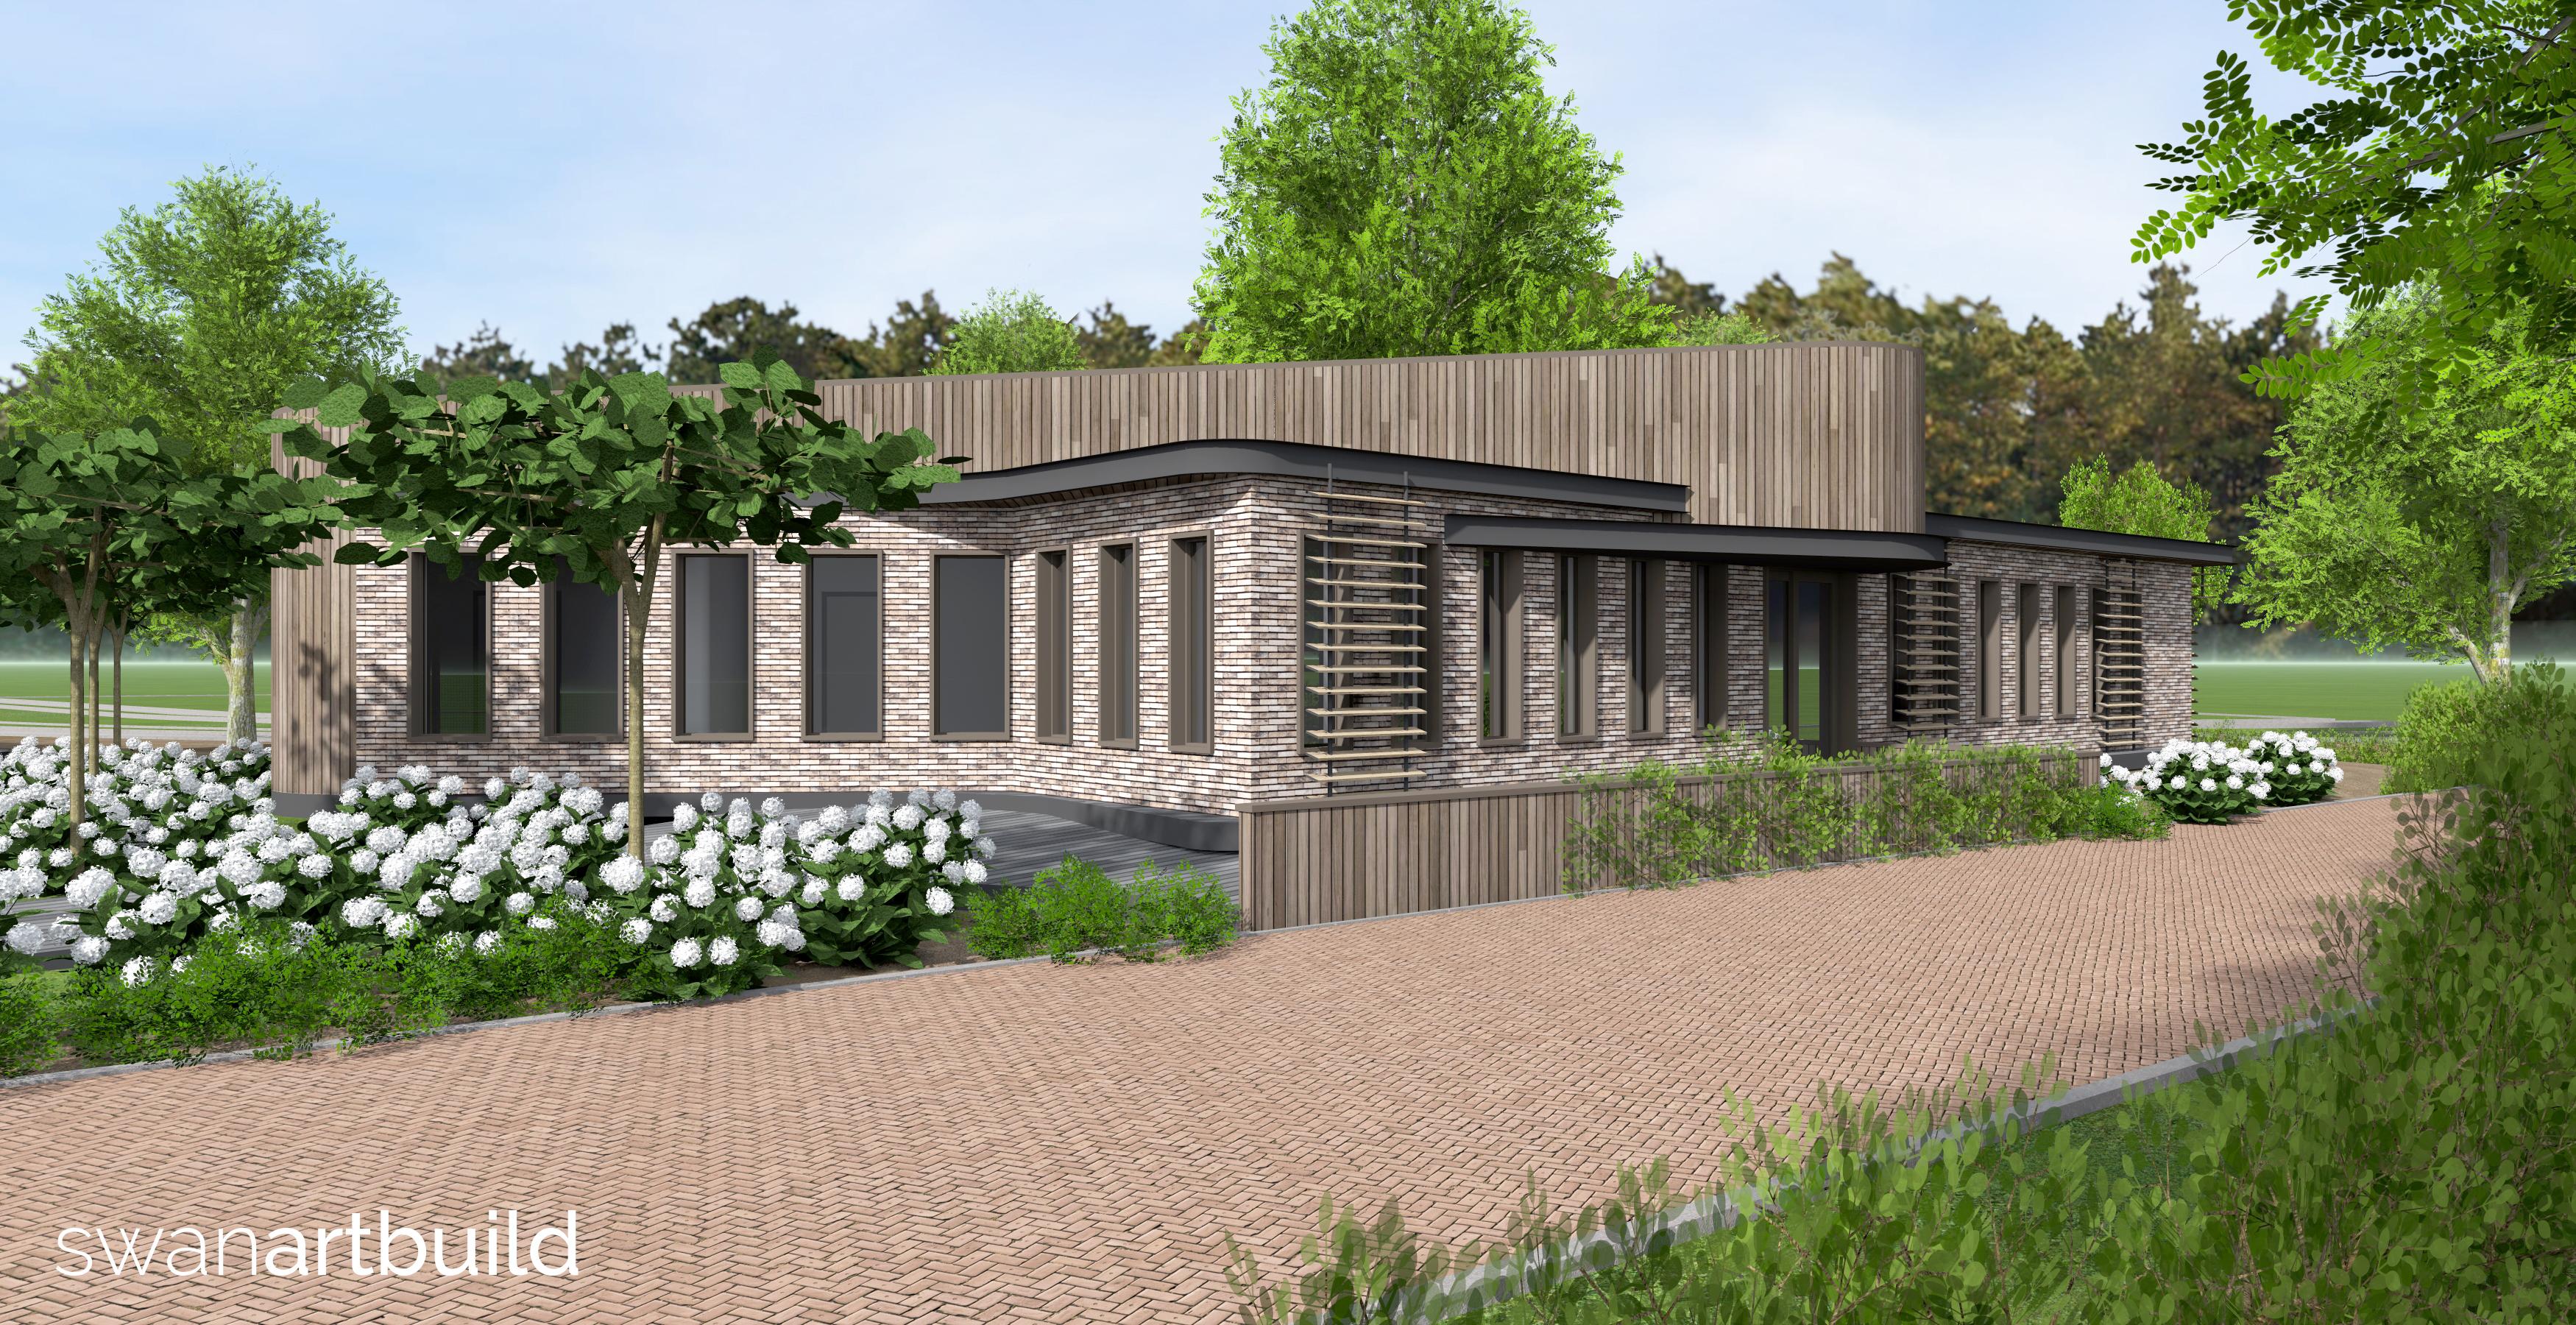 Op de plek van de vroegere speeltuin in Egmond aan Zee wordt in 2019 begonnen met de bouw van een hospice. (Foto: aangeleverd)